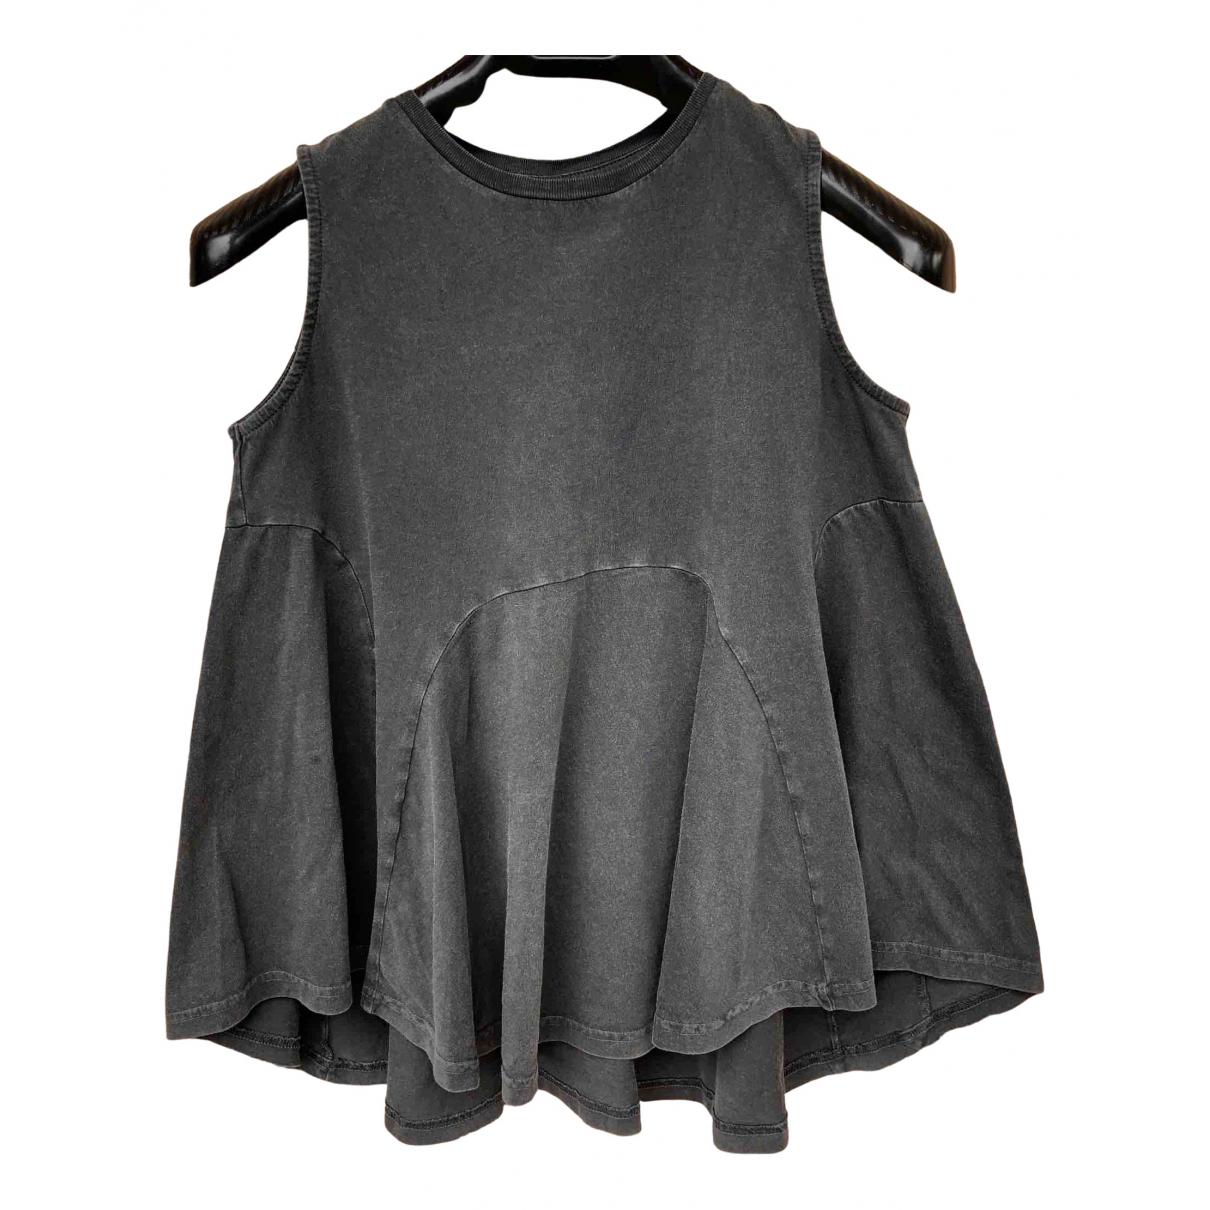 Asos - Top   pour femme en coton - gris